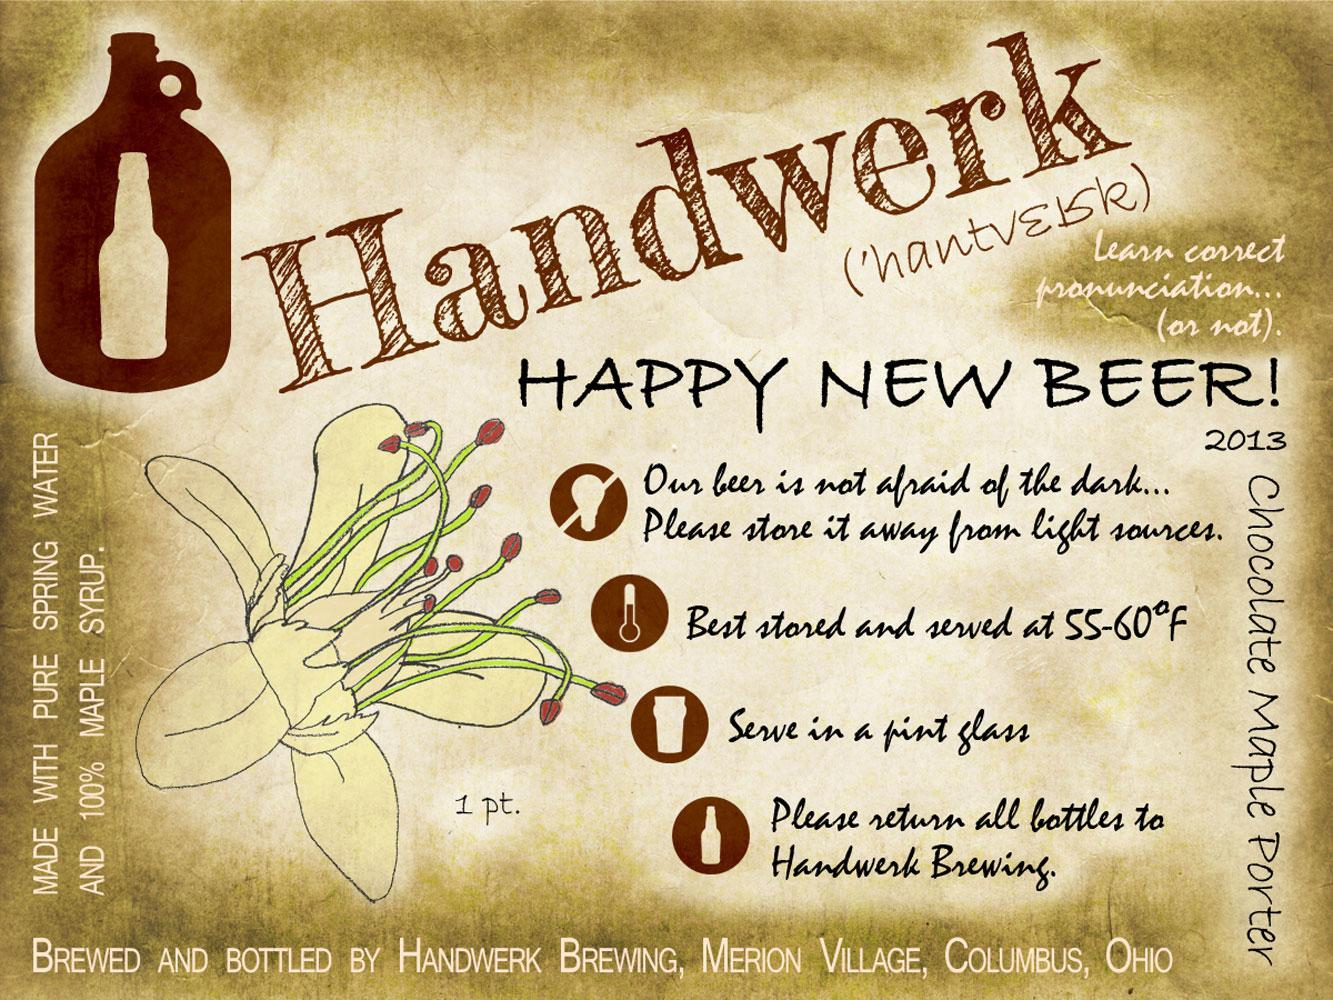 Happy New Beer!